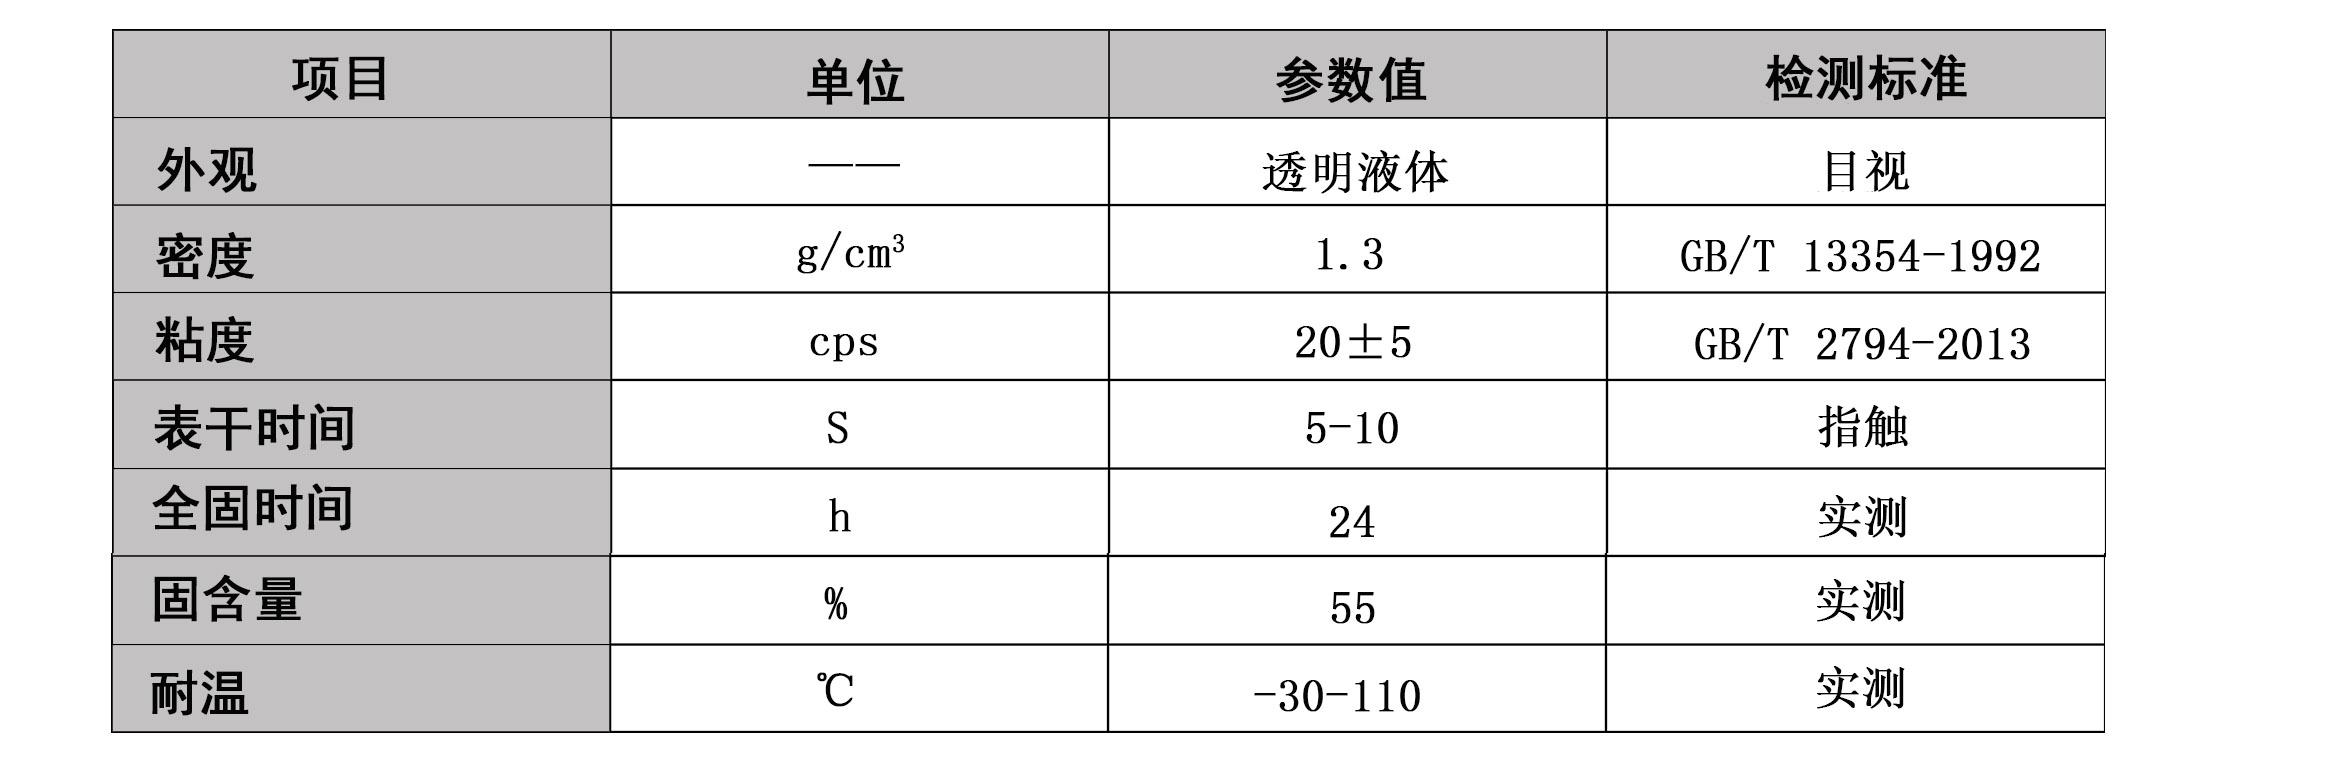 PC-PC-ABS专用胶水